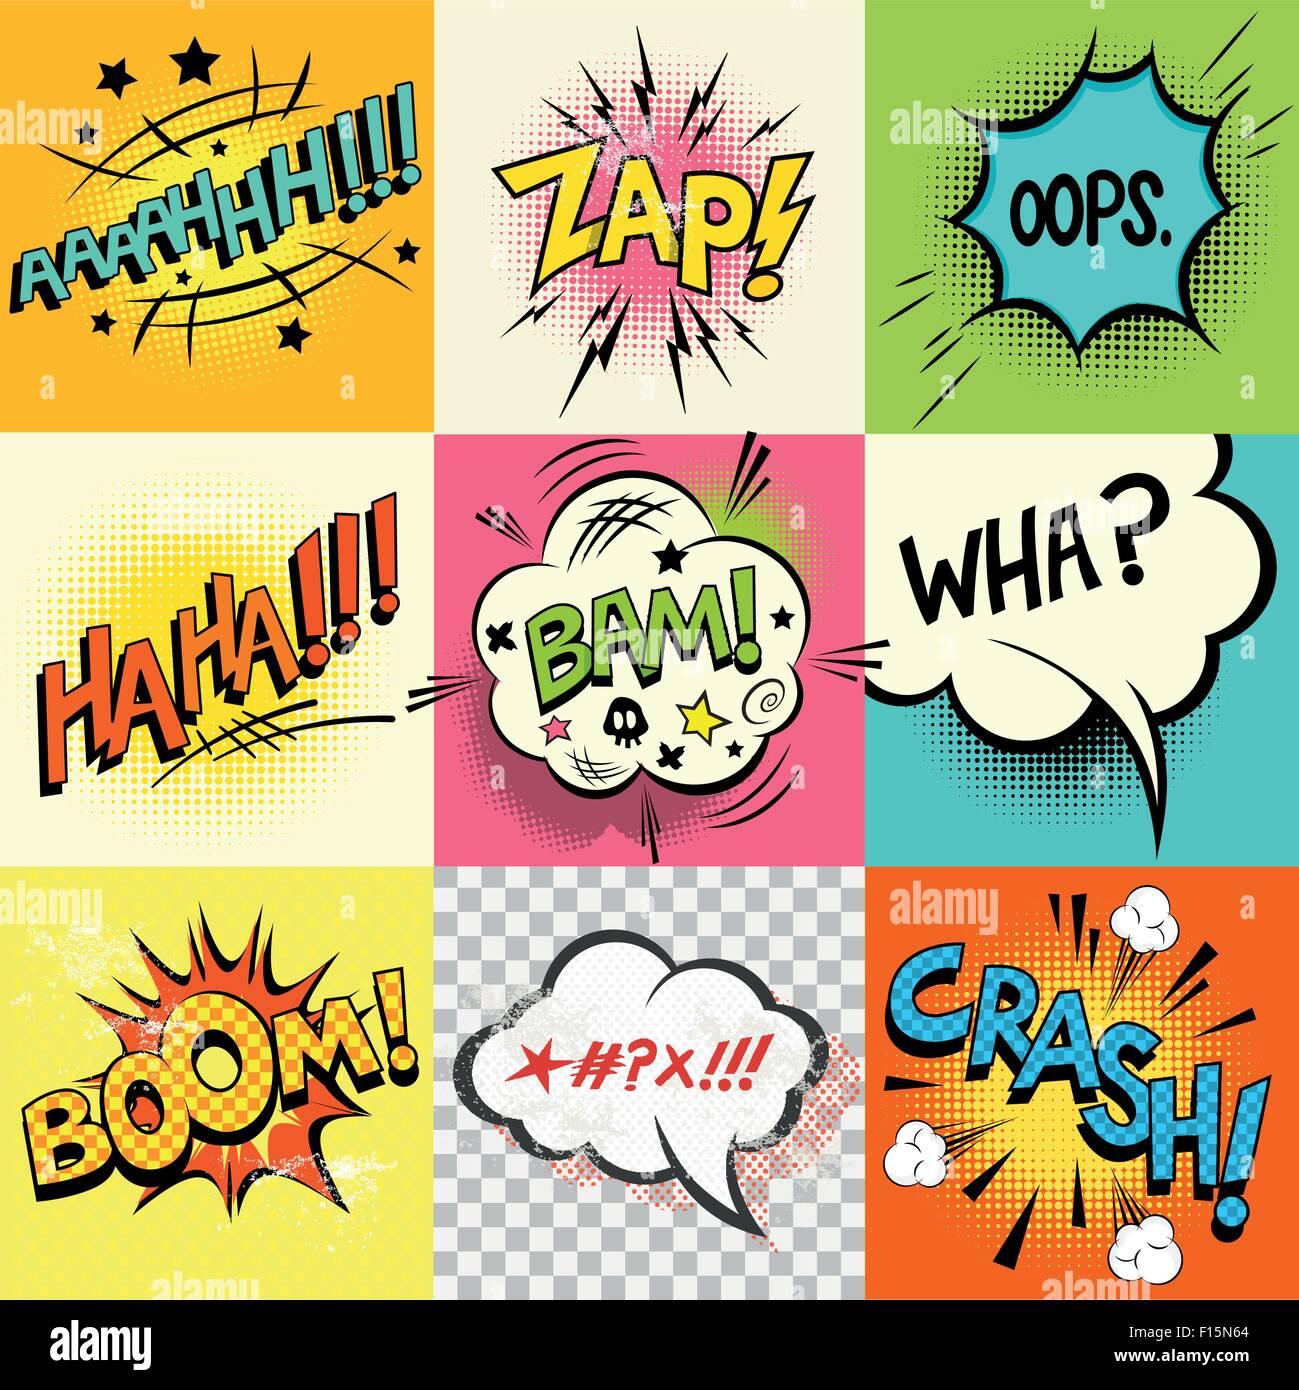 Fumetto espressioni!un set di fumetto fumetti e parole di espressione. Illustrazione Vettoriale Immagini Stock